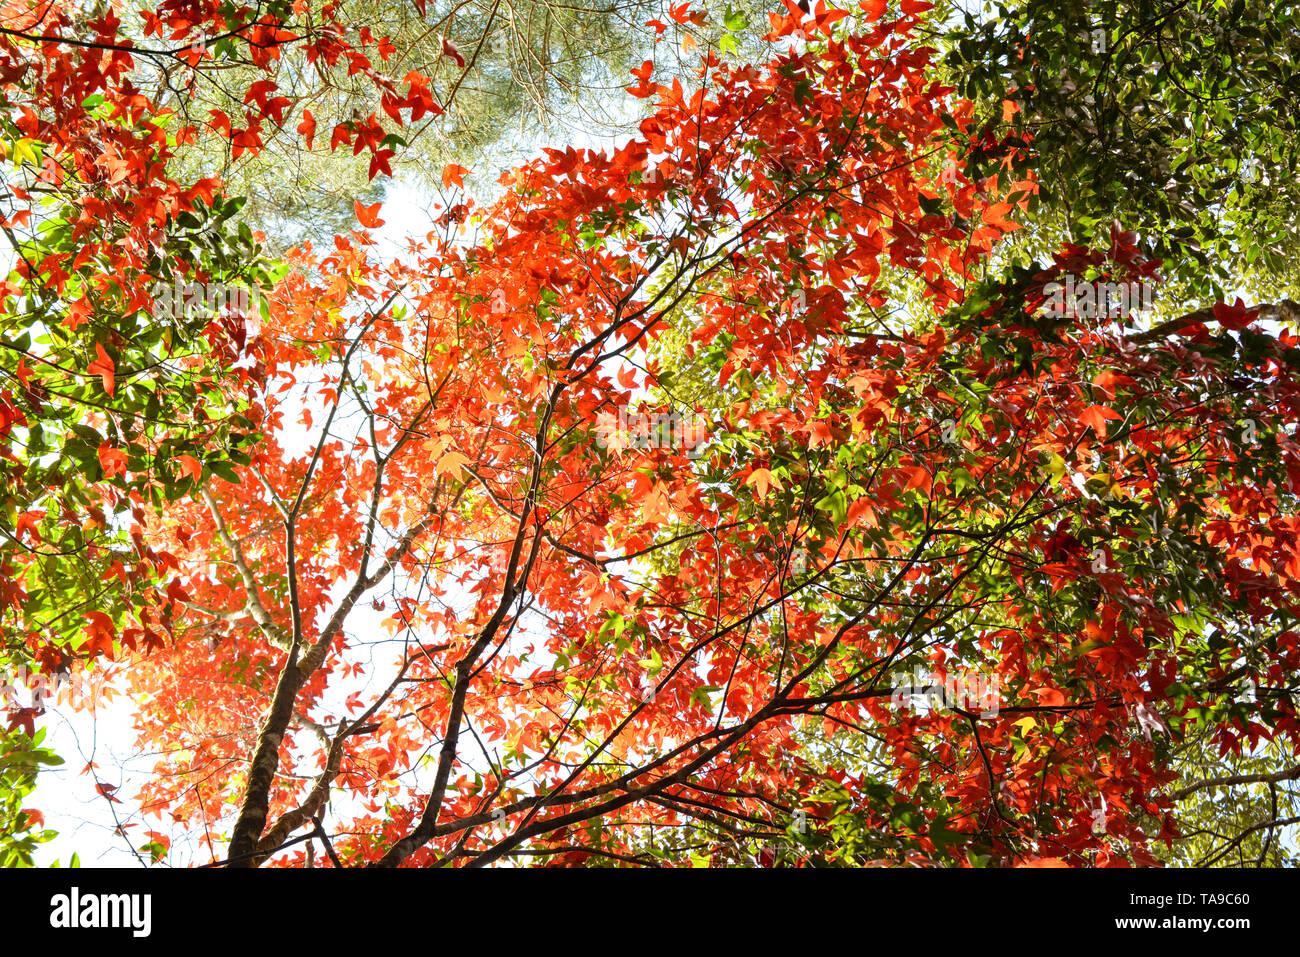 Red maple leaf auf Maple Tree bunte Jahreszeit Herbst im Wald Blätter Farbe ändern, Landschaft, Natur/Acer palmatum Acer calcaratum Gagnep Stockbild